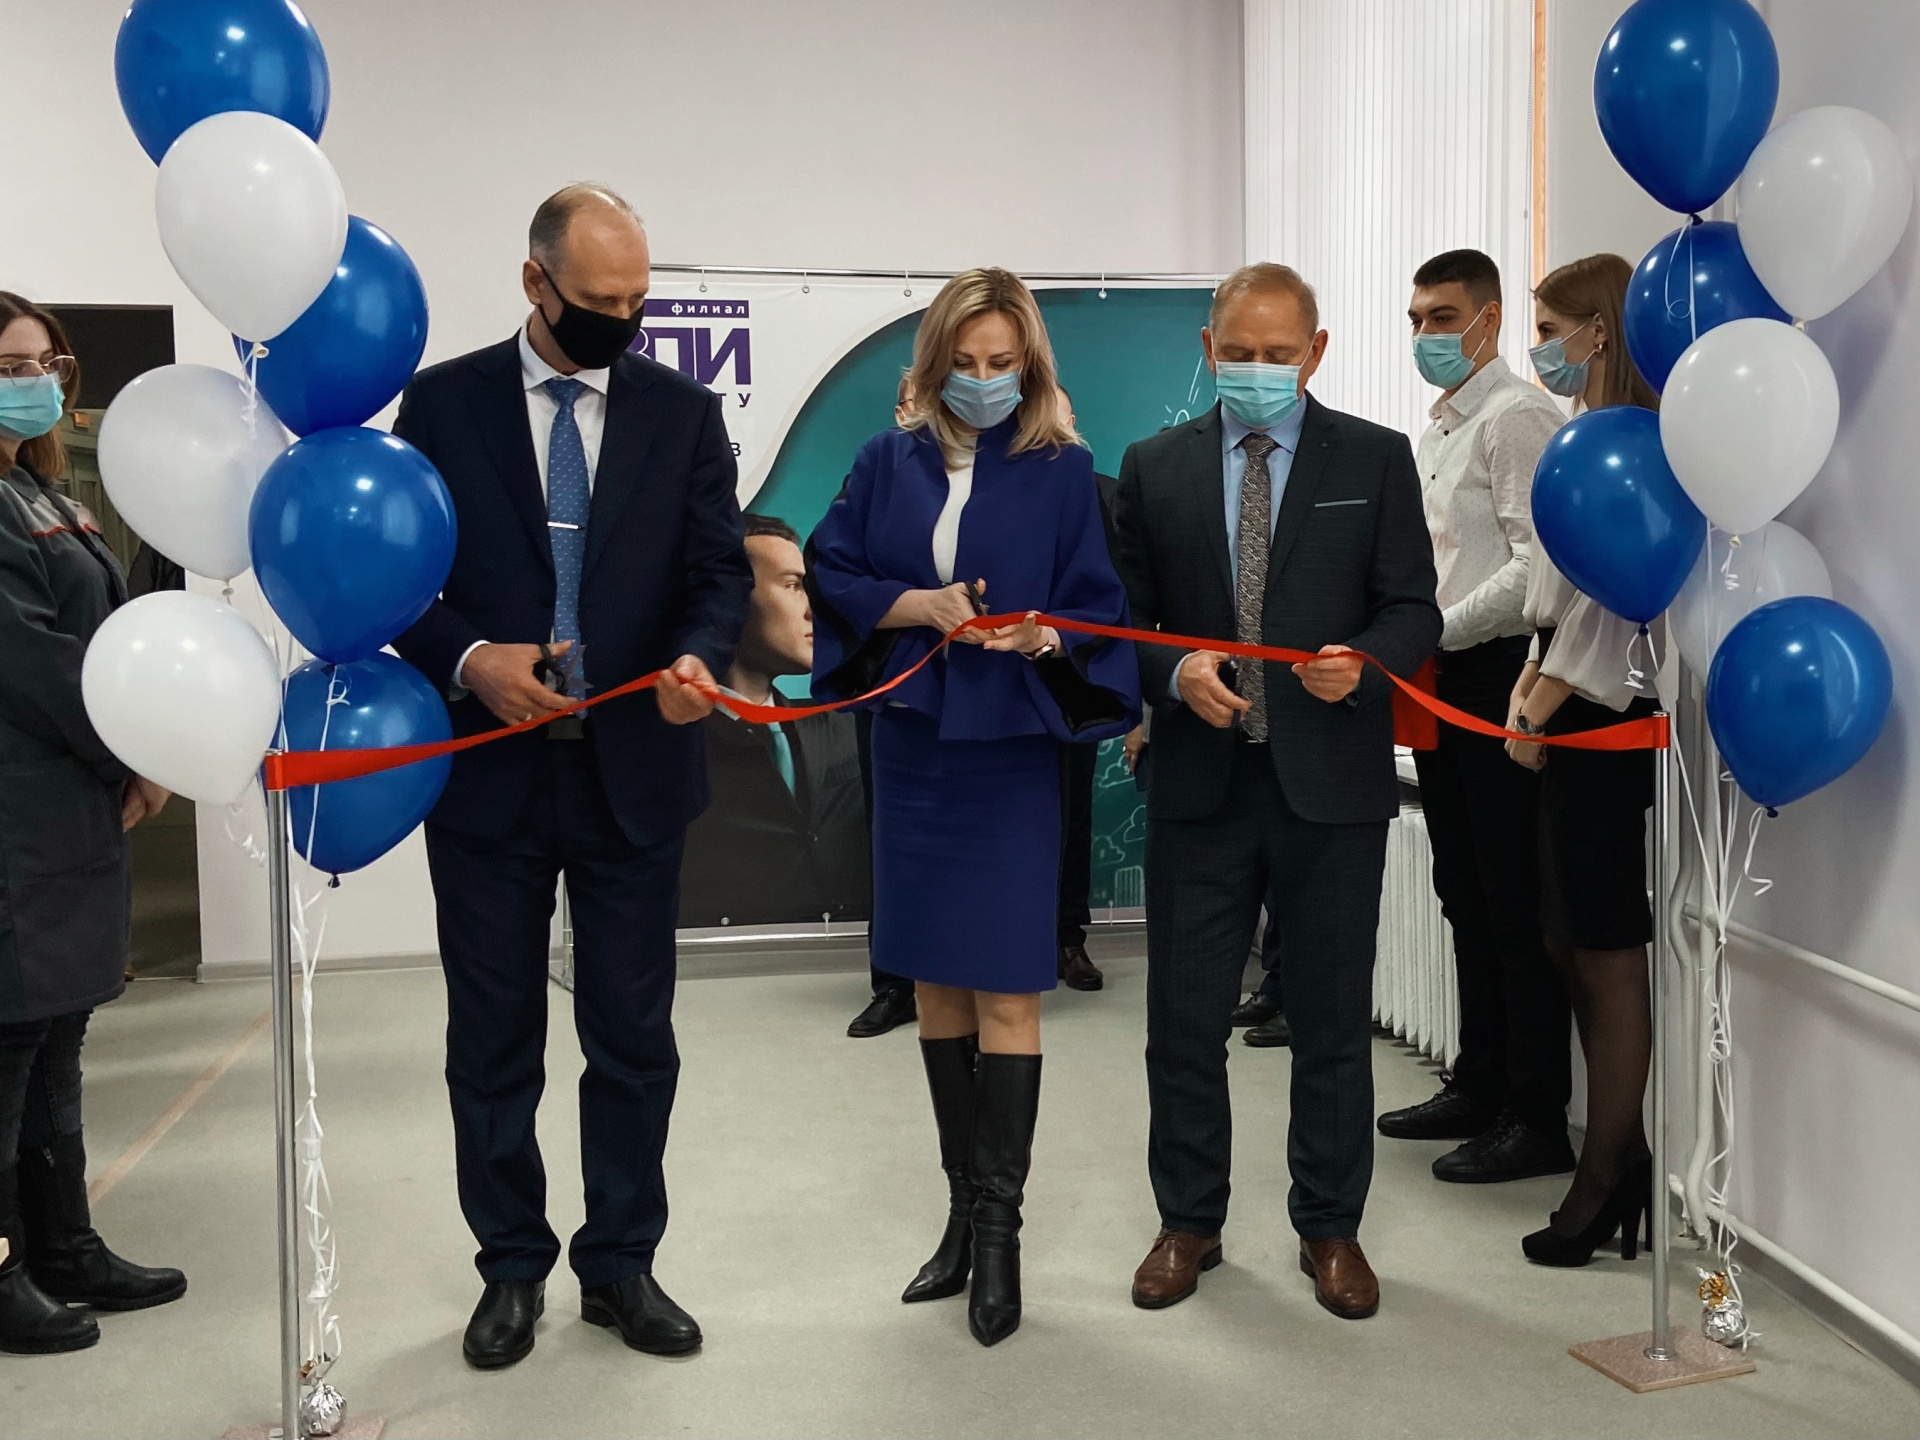 «Производительность труда и поддержка занятости»: в Волгоградской области запустили «Фабрику процессов» для обучения бережливому производству